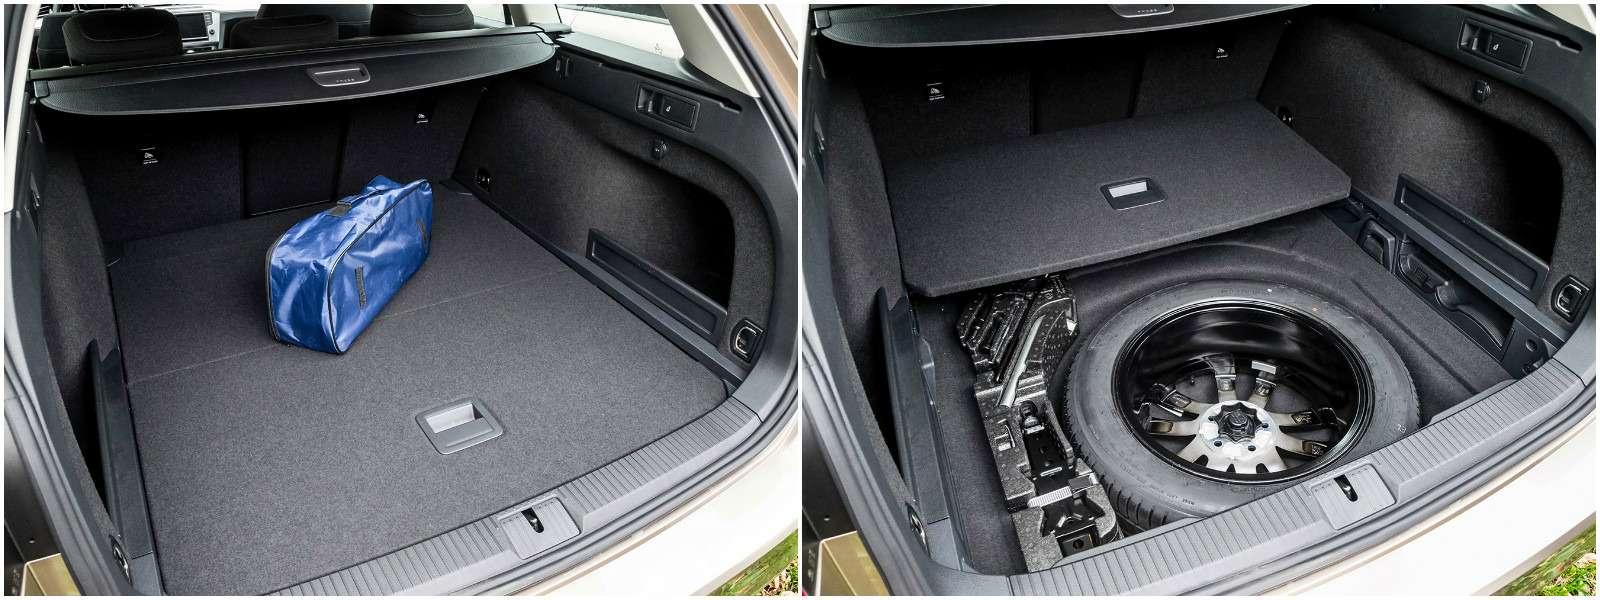 Volkswagen Passat Variant или Alltrack: зачто доплата?— фото 693533